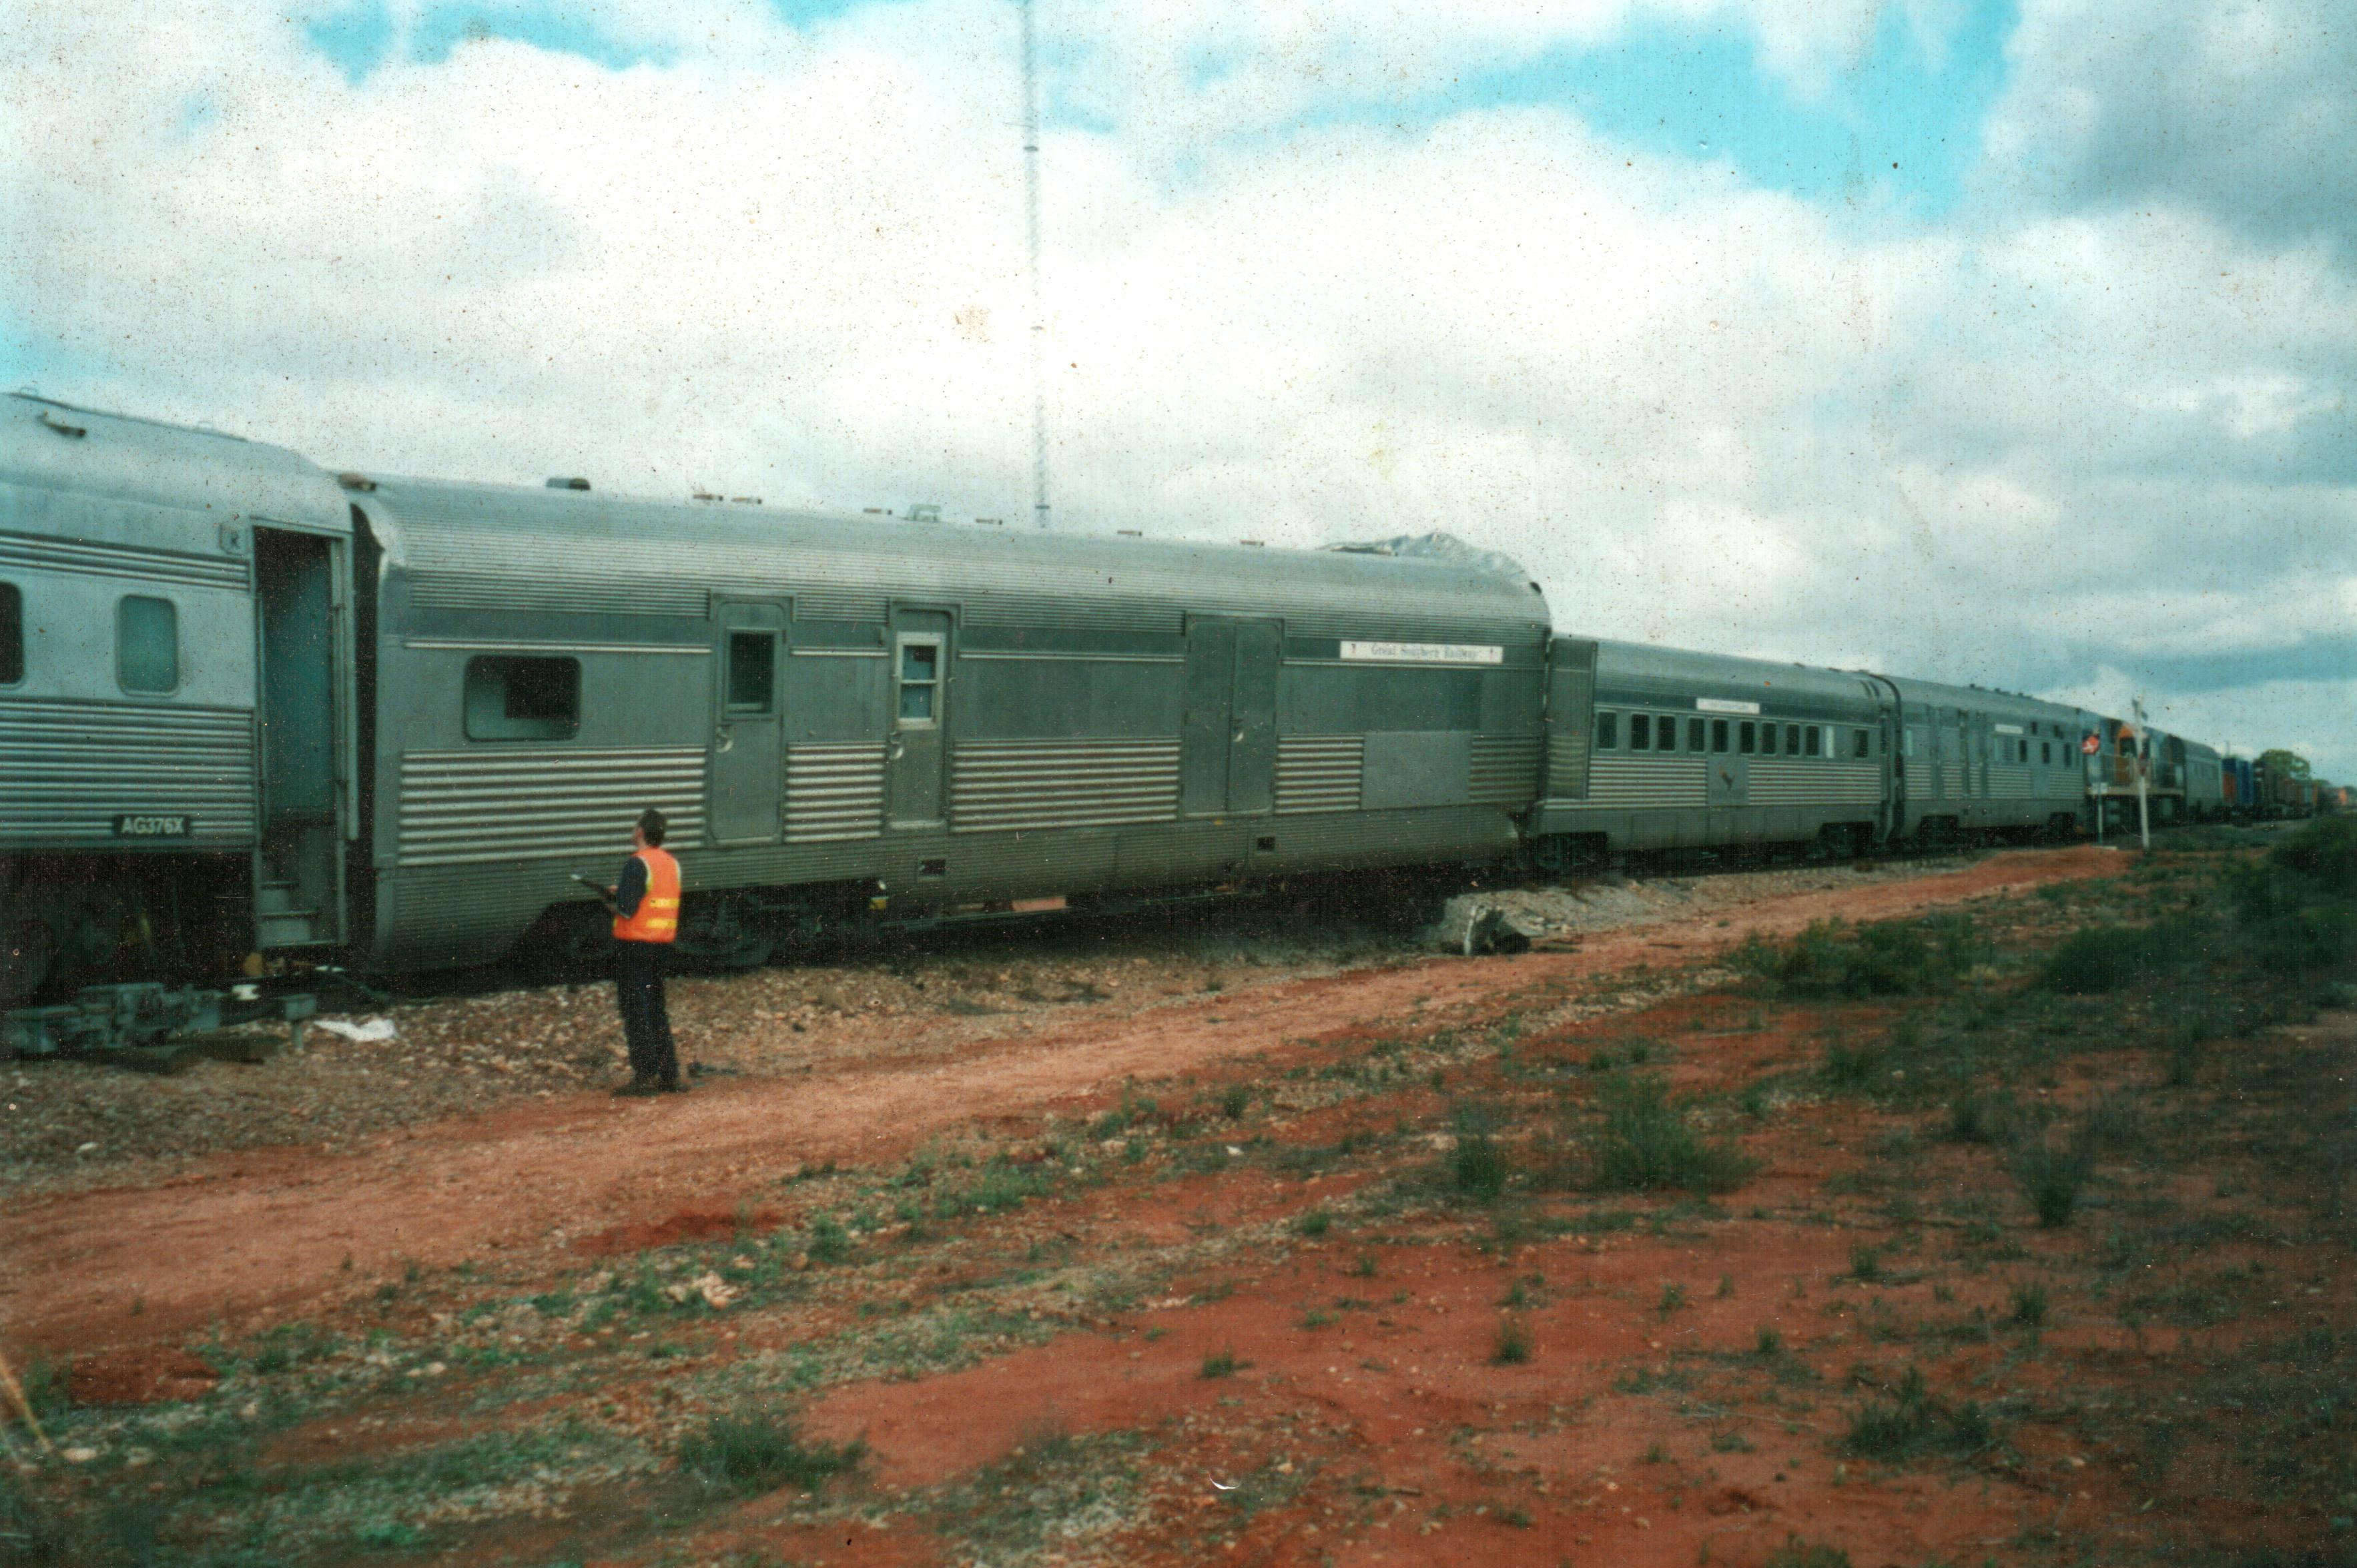 Zanthus train collision - Wikipedia